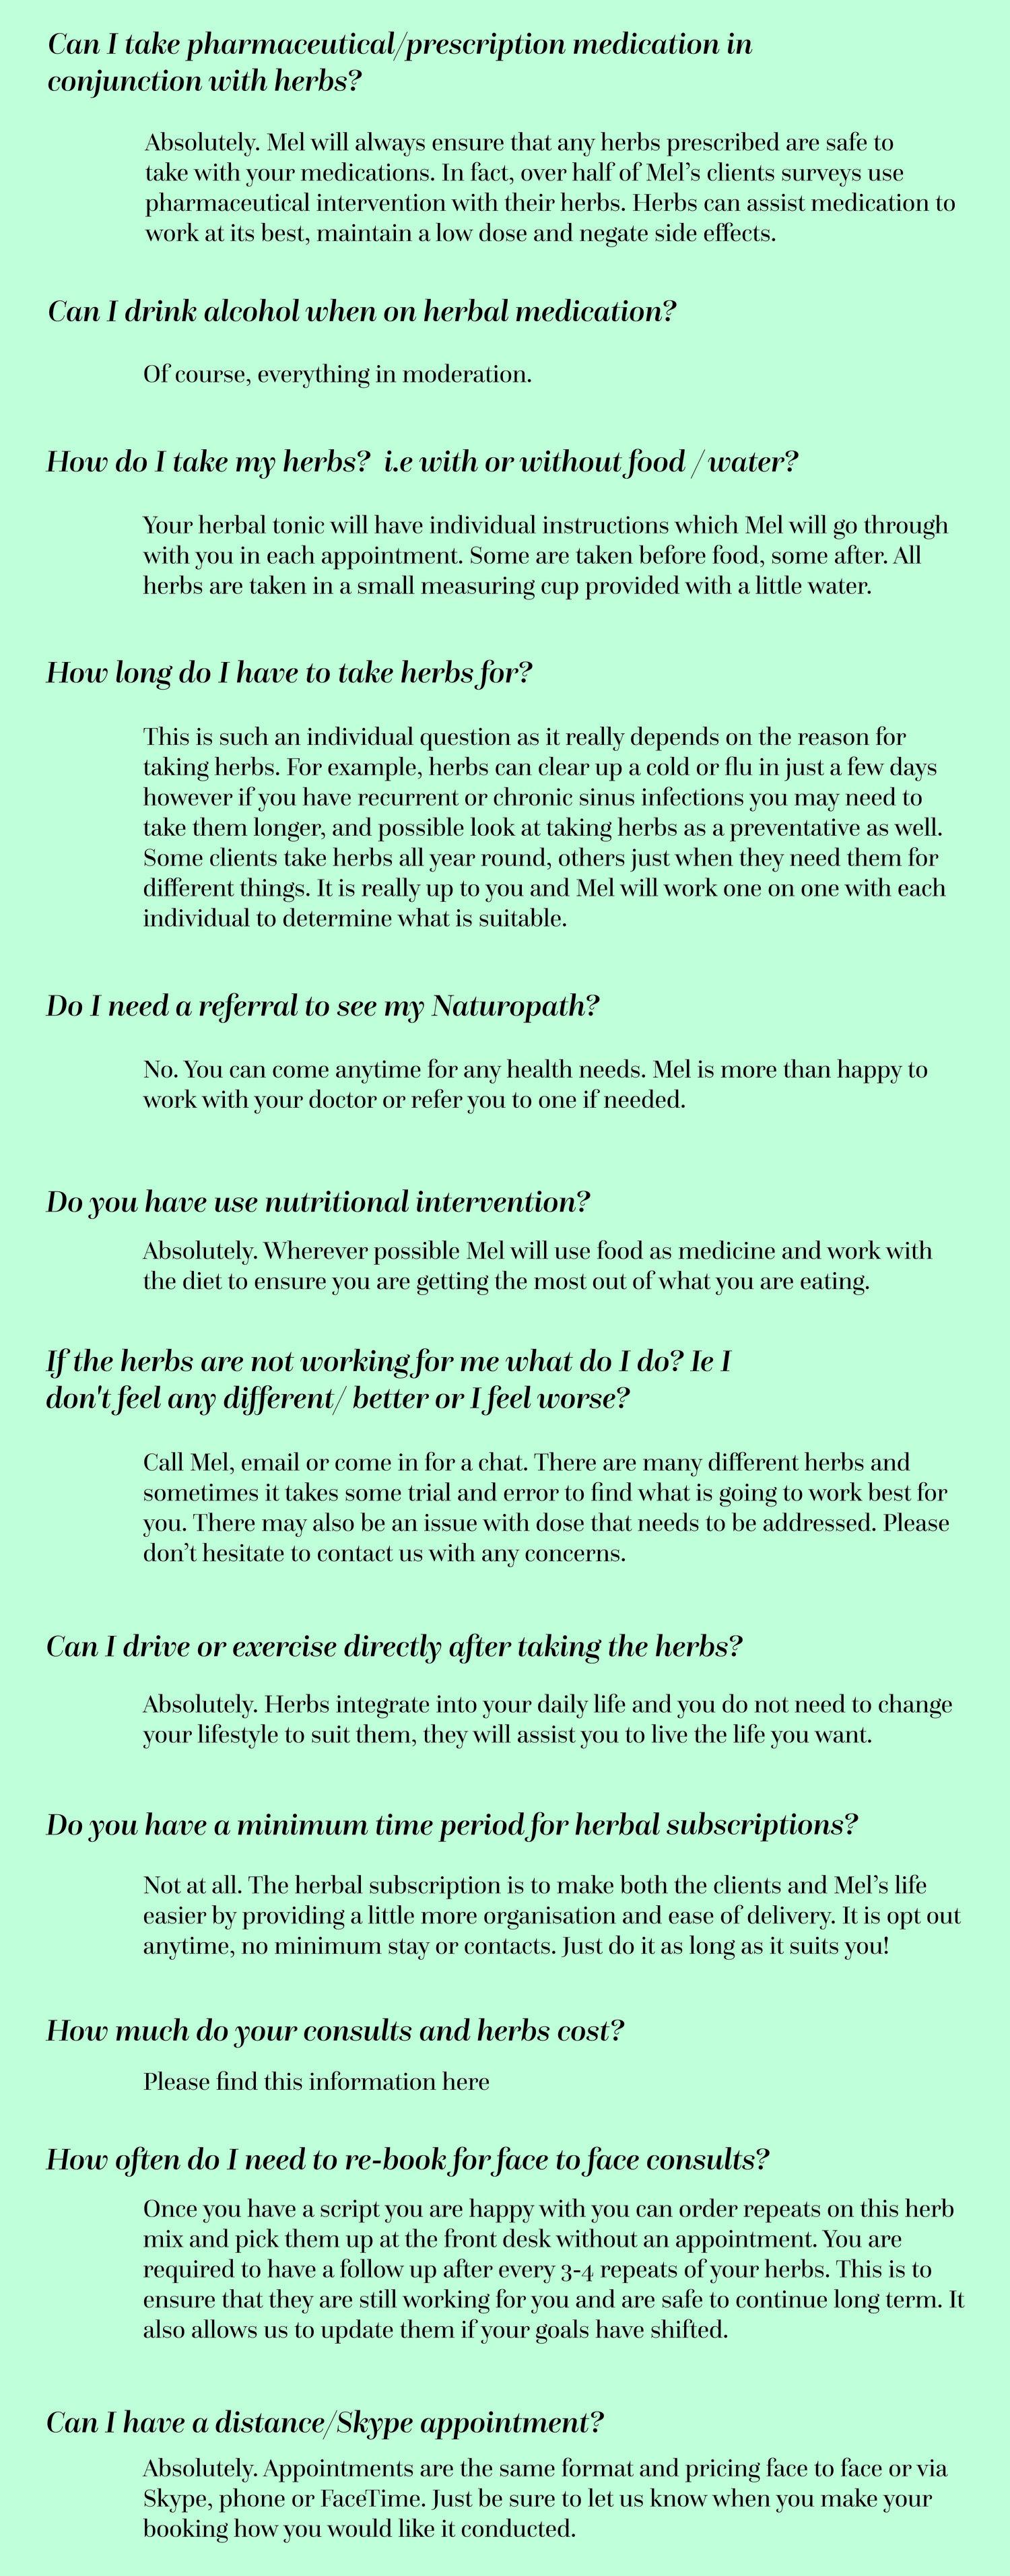 MG Herbs - FAQ